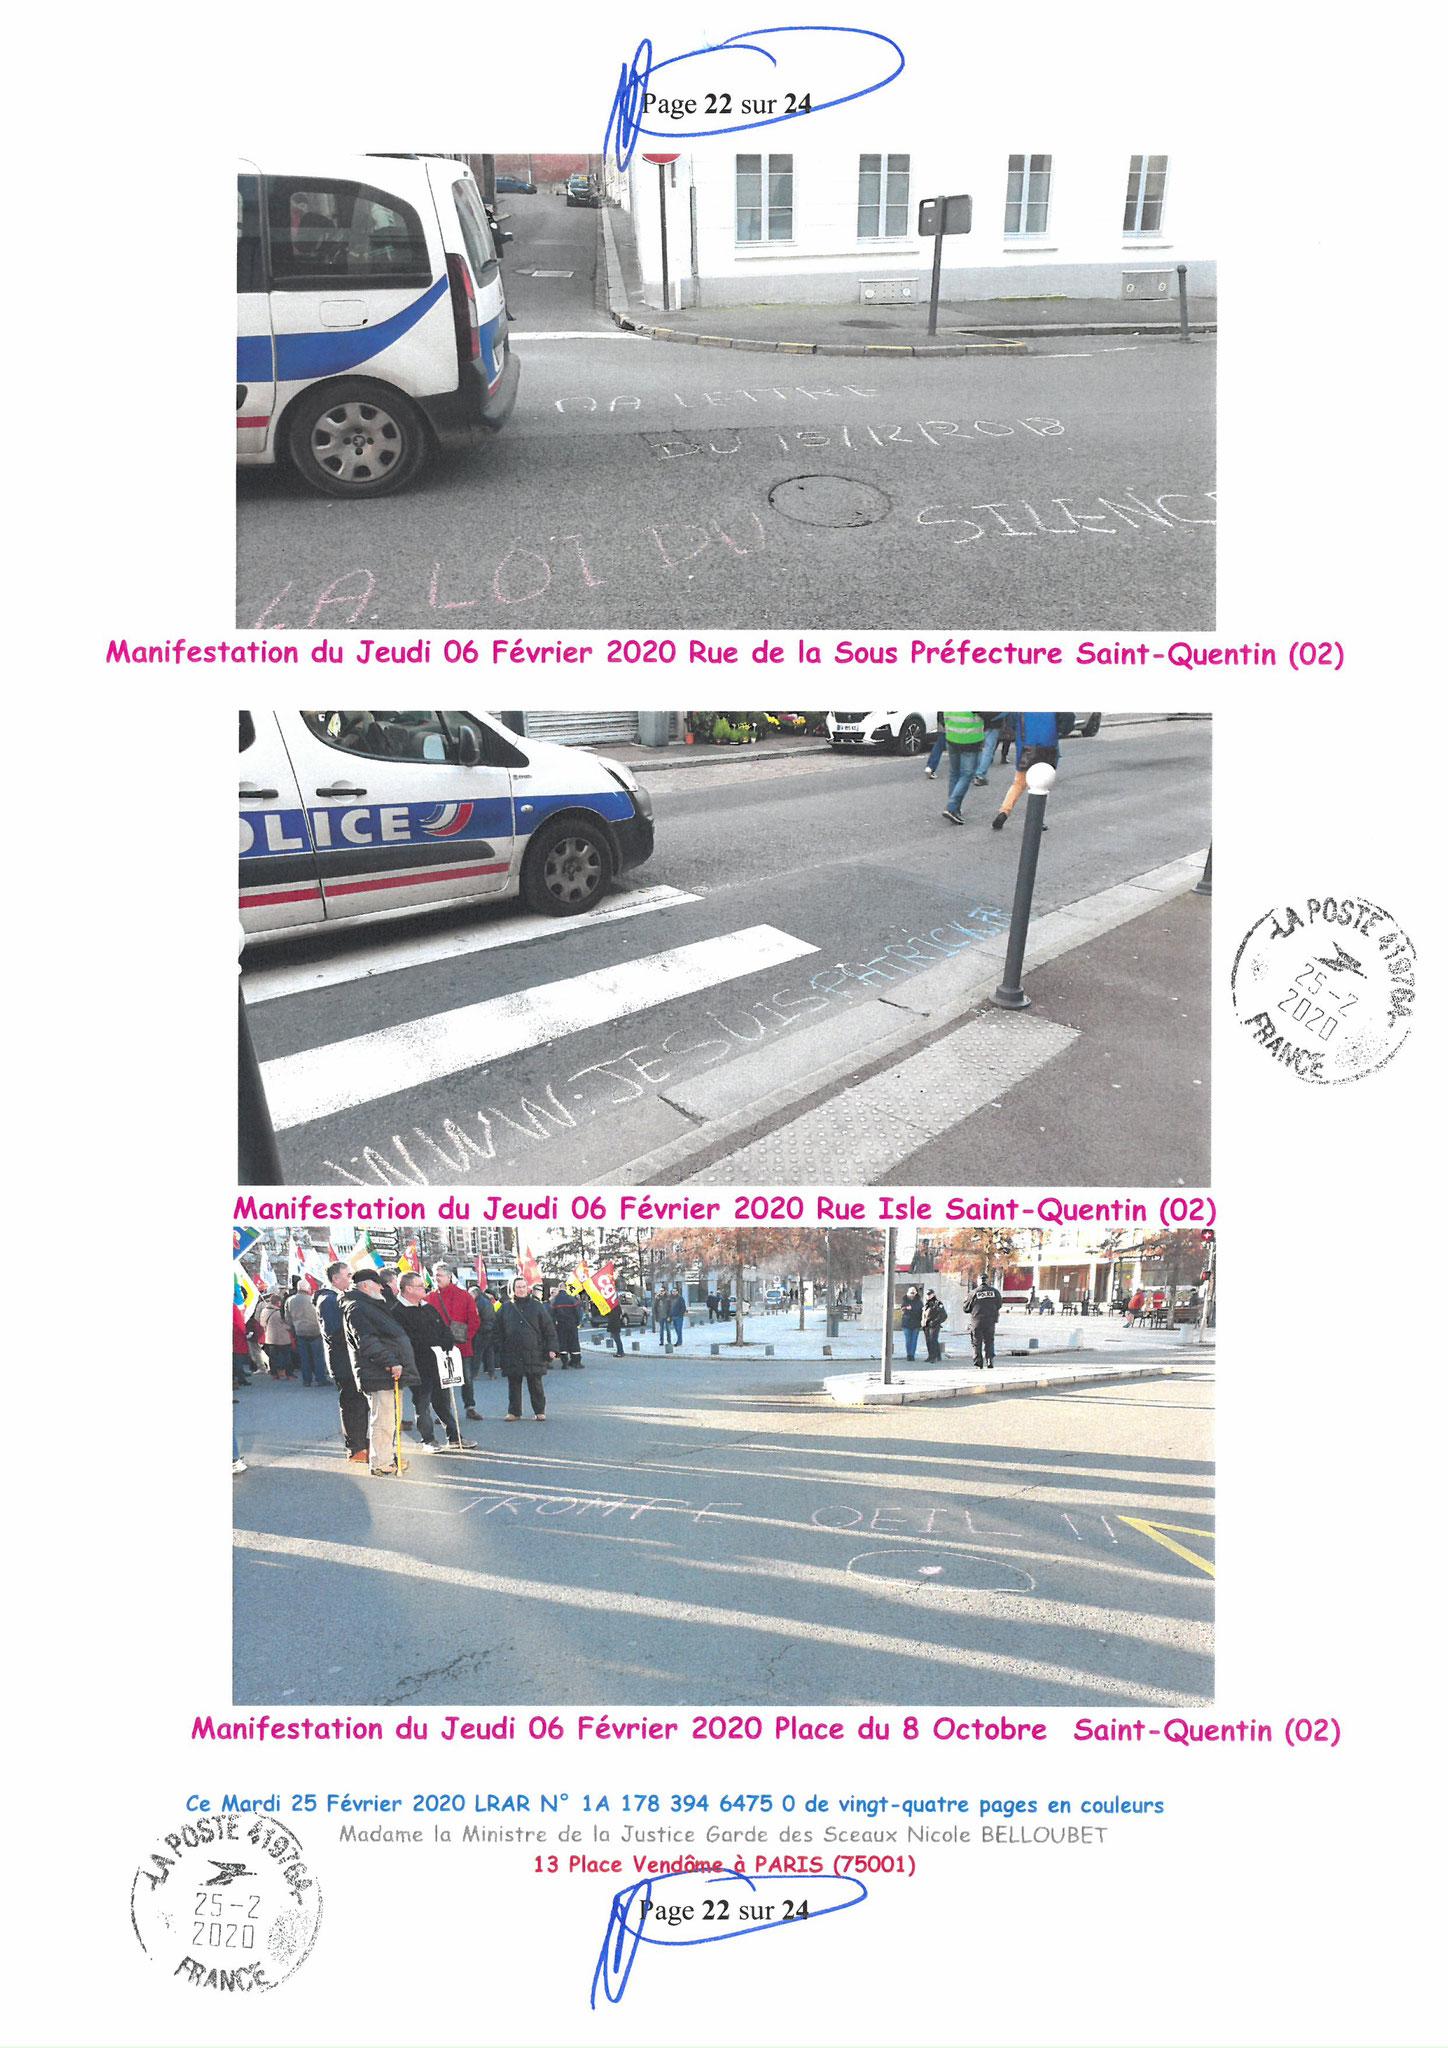 Ma LRAR à Madame Nicole BELLOUBET la Ministre de la Justice N0 1A 178 394 6475 0 Page 22 sur 24 en couleur  www.jesuispatrick.com www.jesuisvictime.fr www.alerte-rouge-france.fr